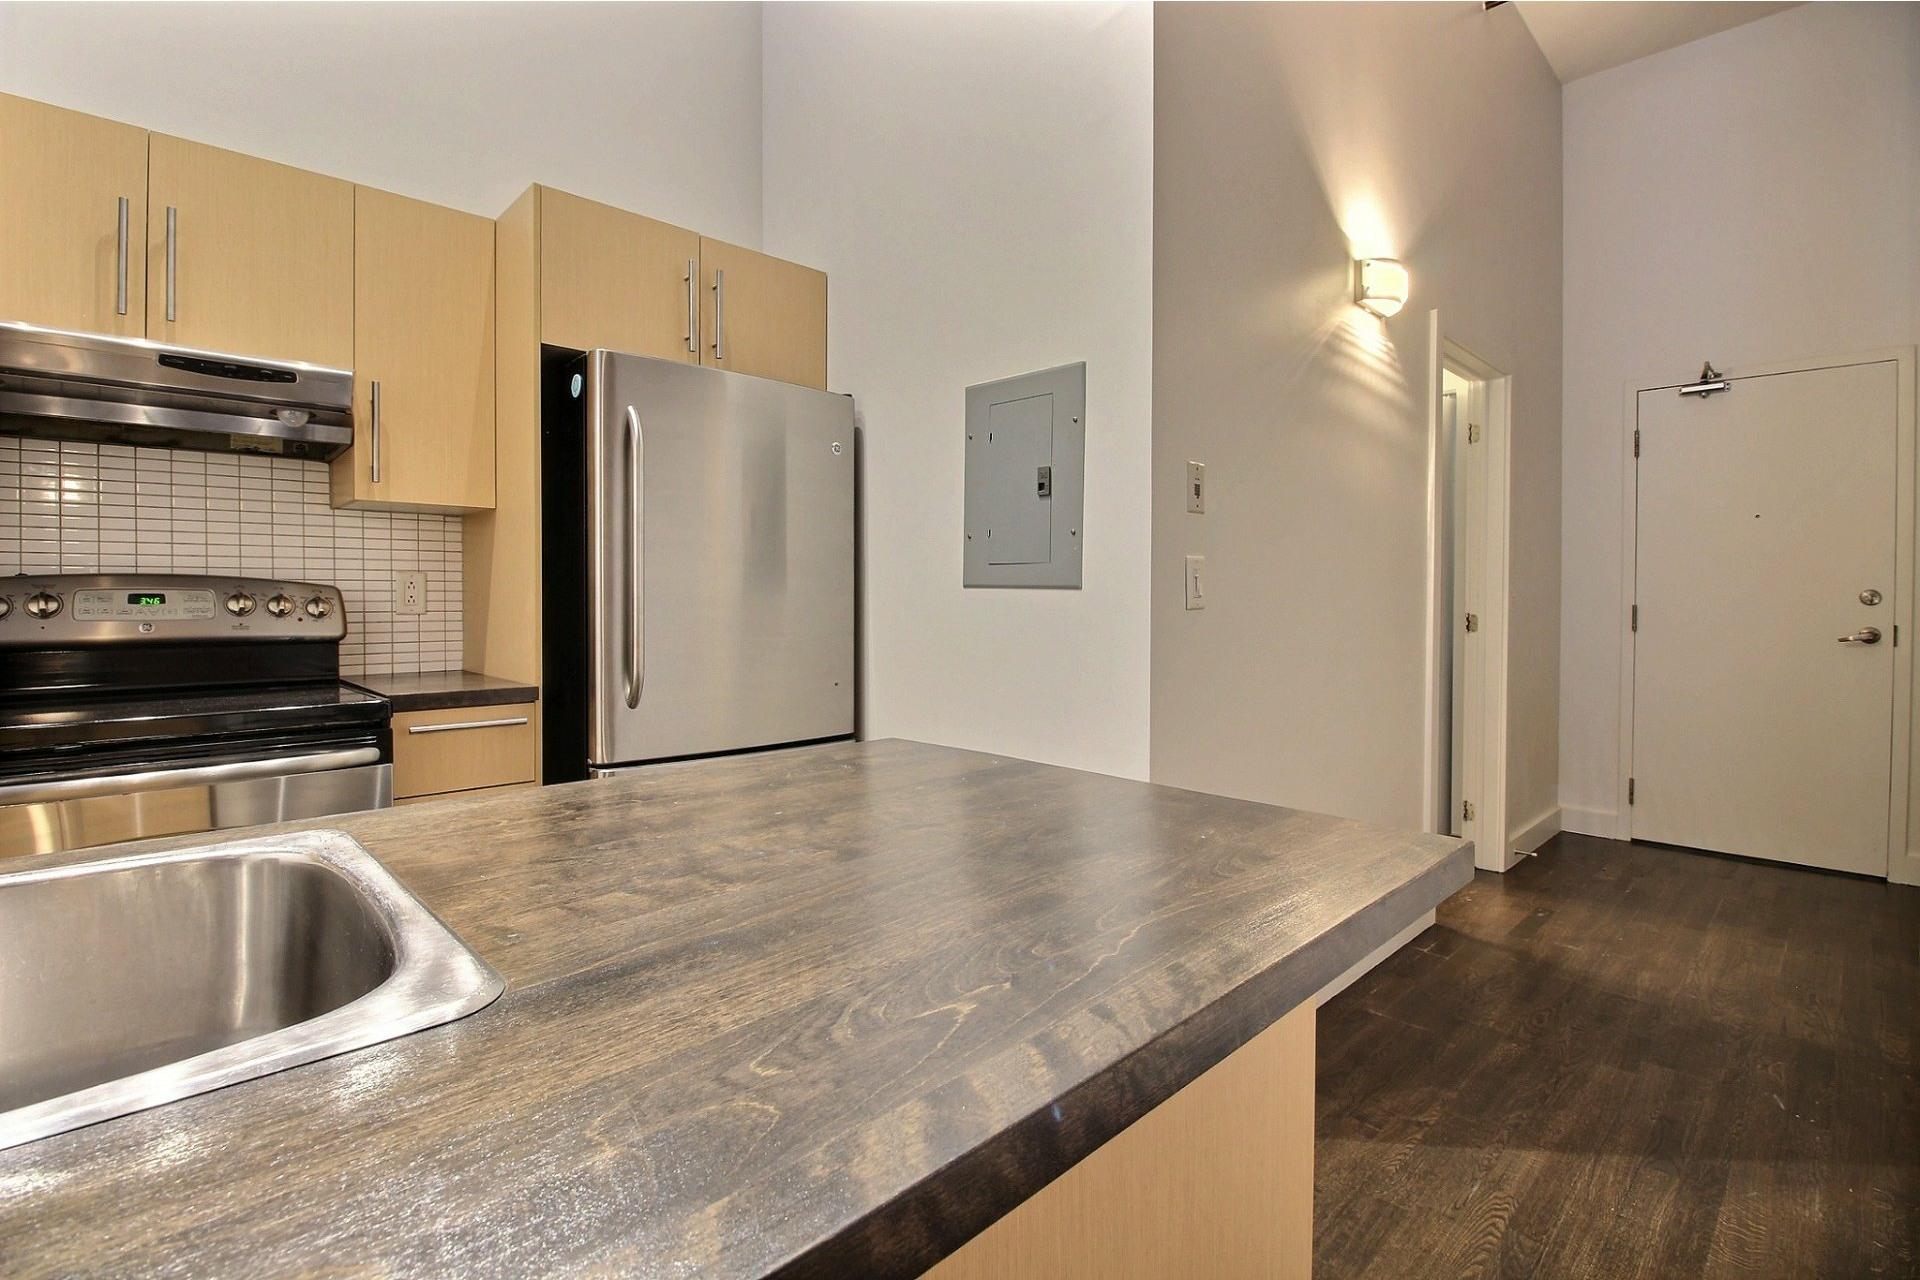 image 13 - Appartement À louer Mercier/Hochelaga-Maisonneuve Montréal  - 6 pièces